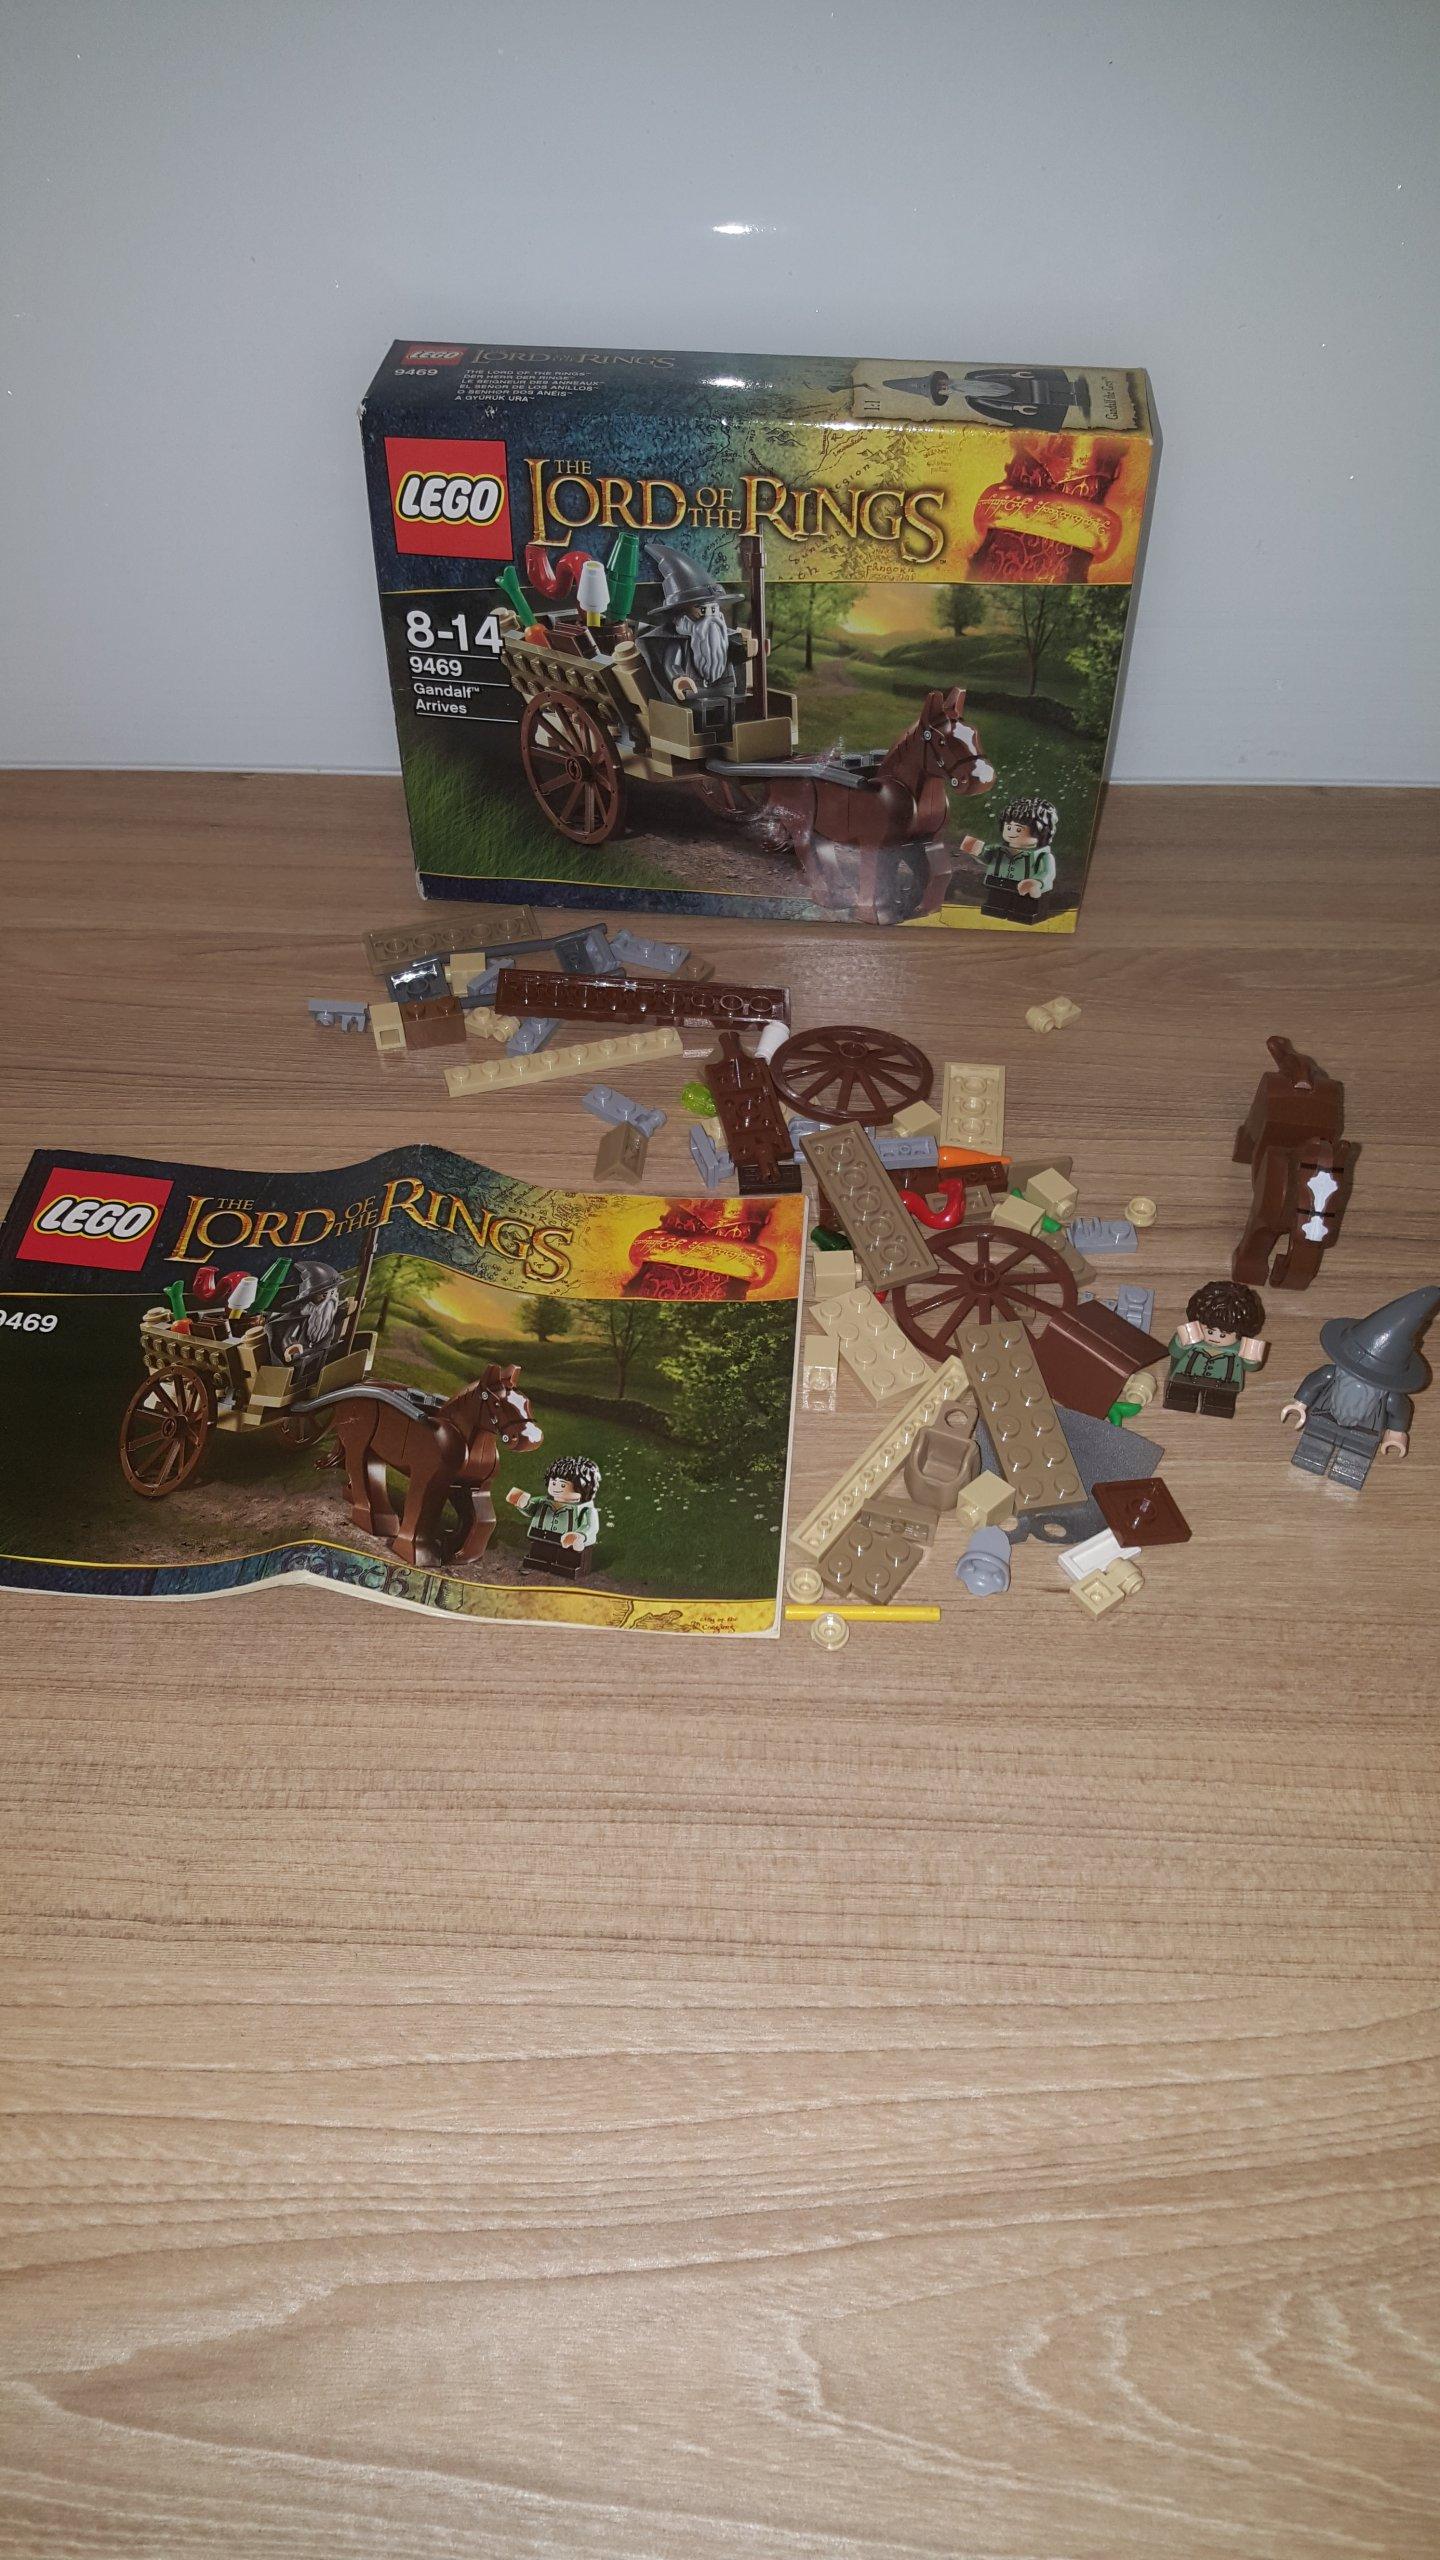 Lego Władca Pierścieni 9469 Przyjazd Gandalfa 7085749907